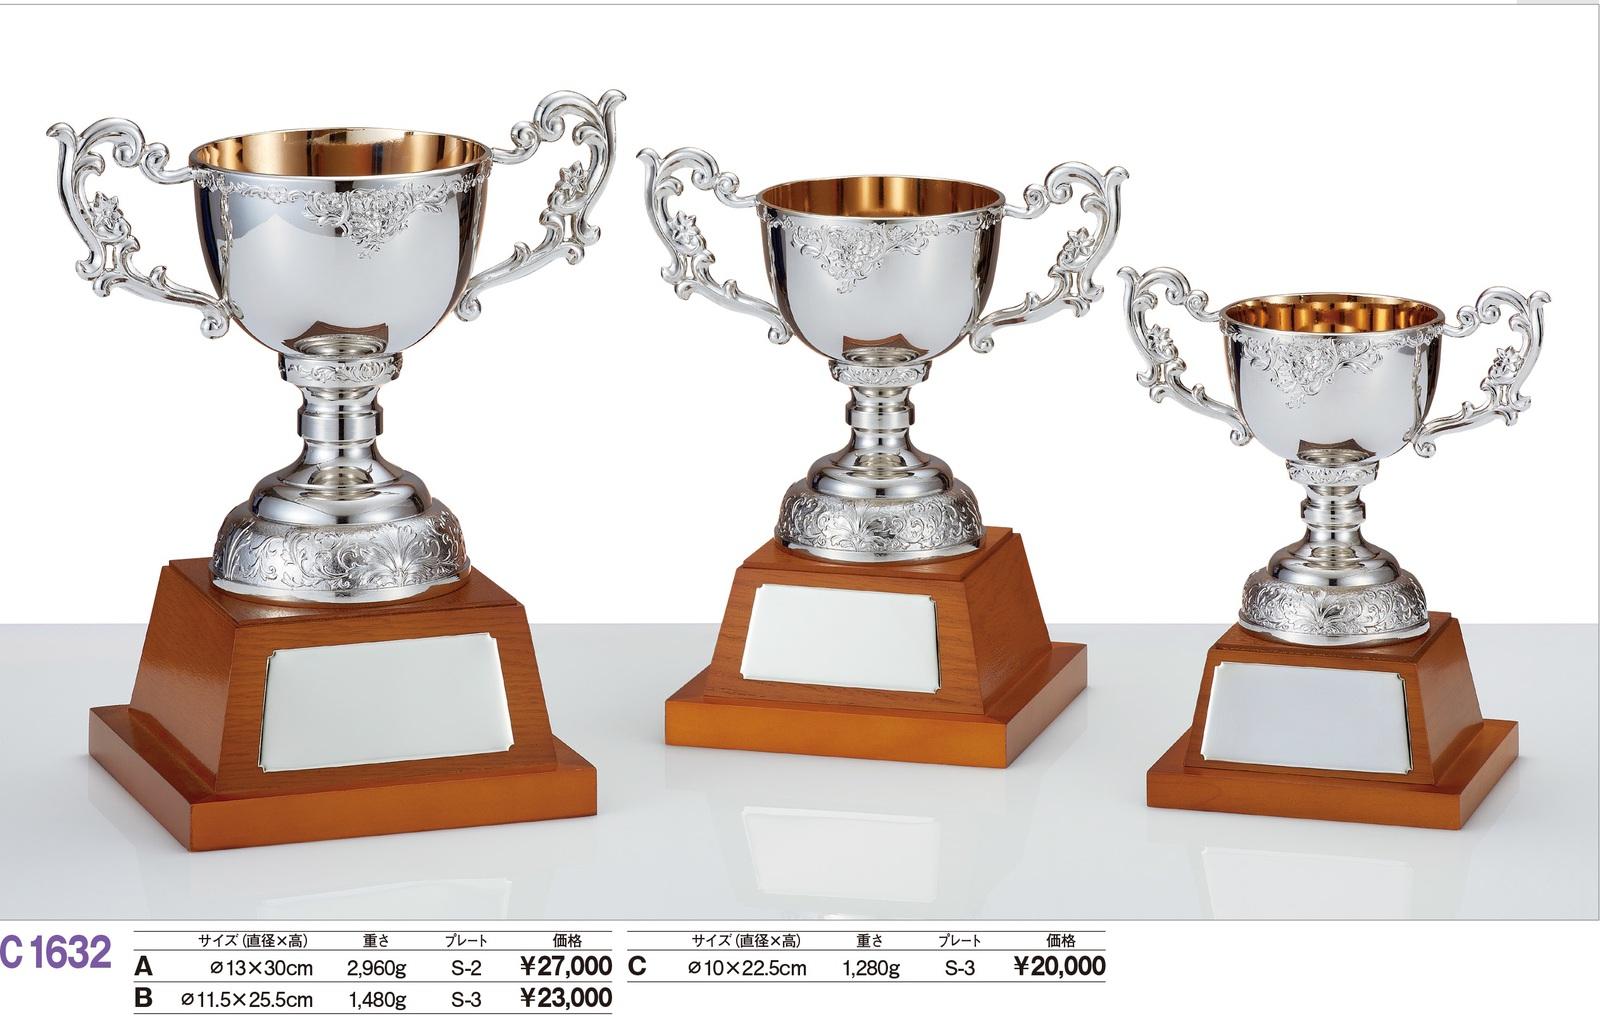 トロフィー工房のトロフィーは 新品 送料無料 リボン無料 高品質レーザー印字無料 10000円以上お買い上げで送料無料 C1632C S-3 入手困難 アレキサンダーカップ